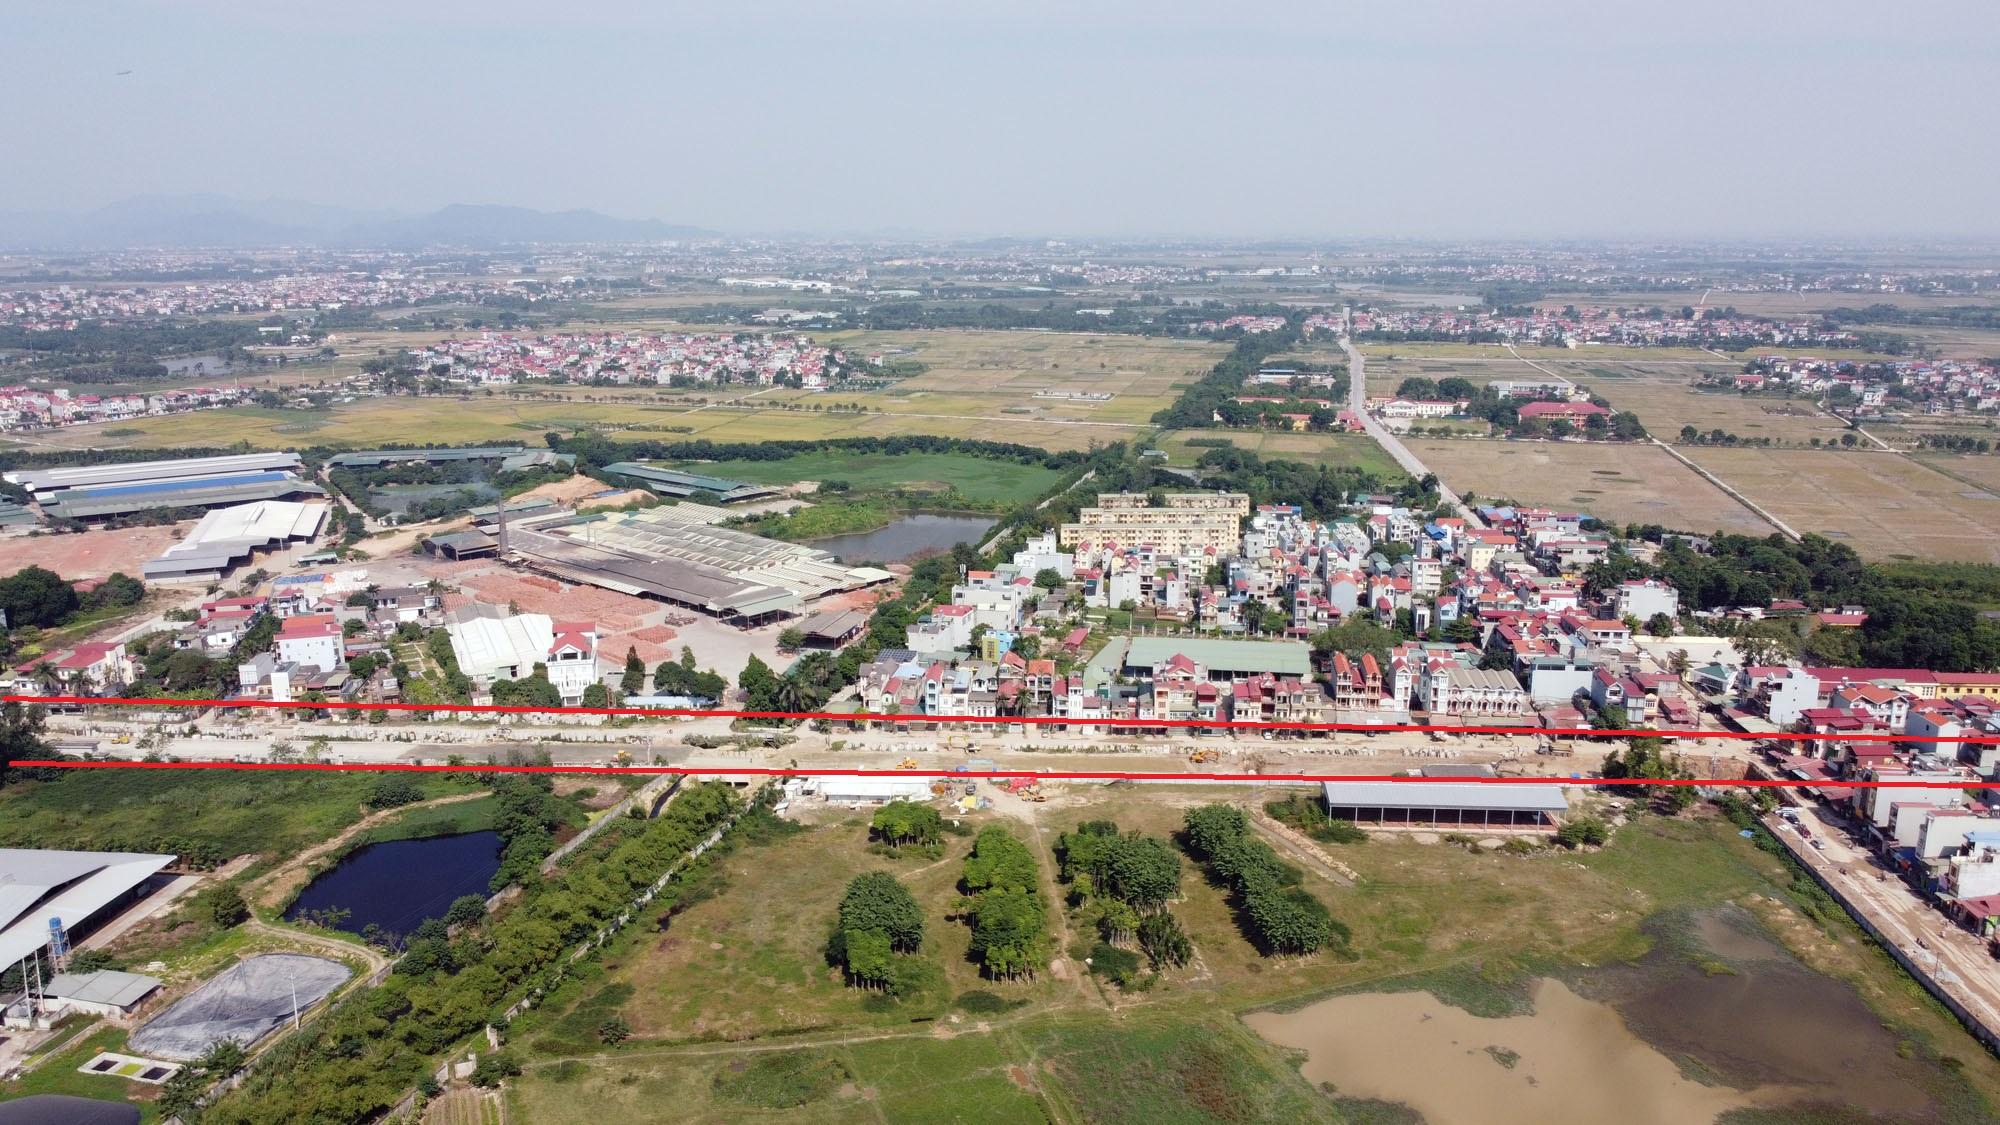 Ba đường sẽ mở theo qui hoạch ở xã Xuân Nộn, Đông Anh, Hà Nội - Ảnh 4.